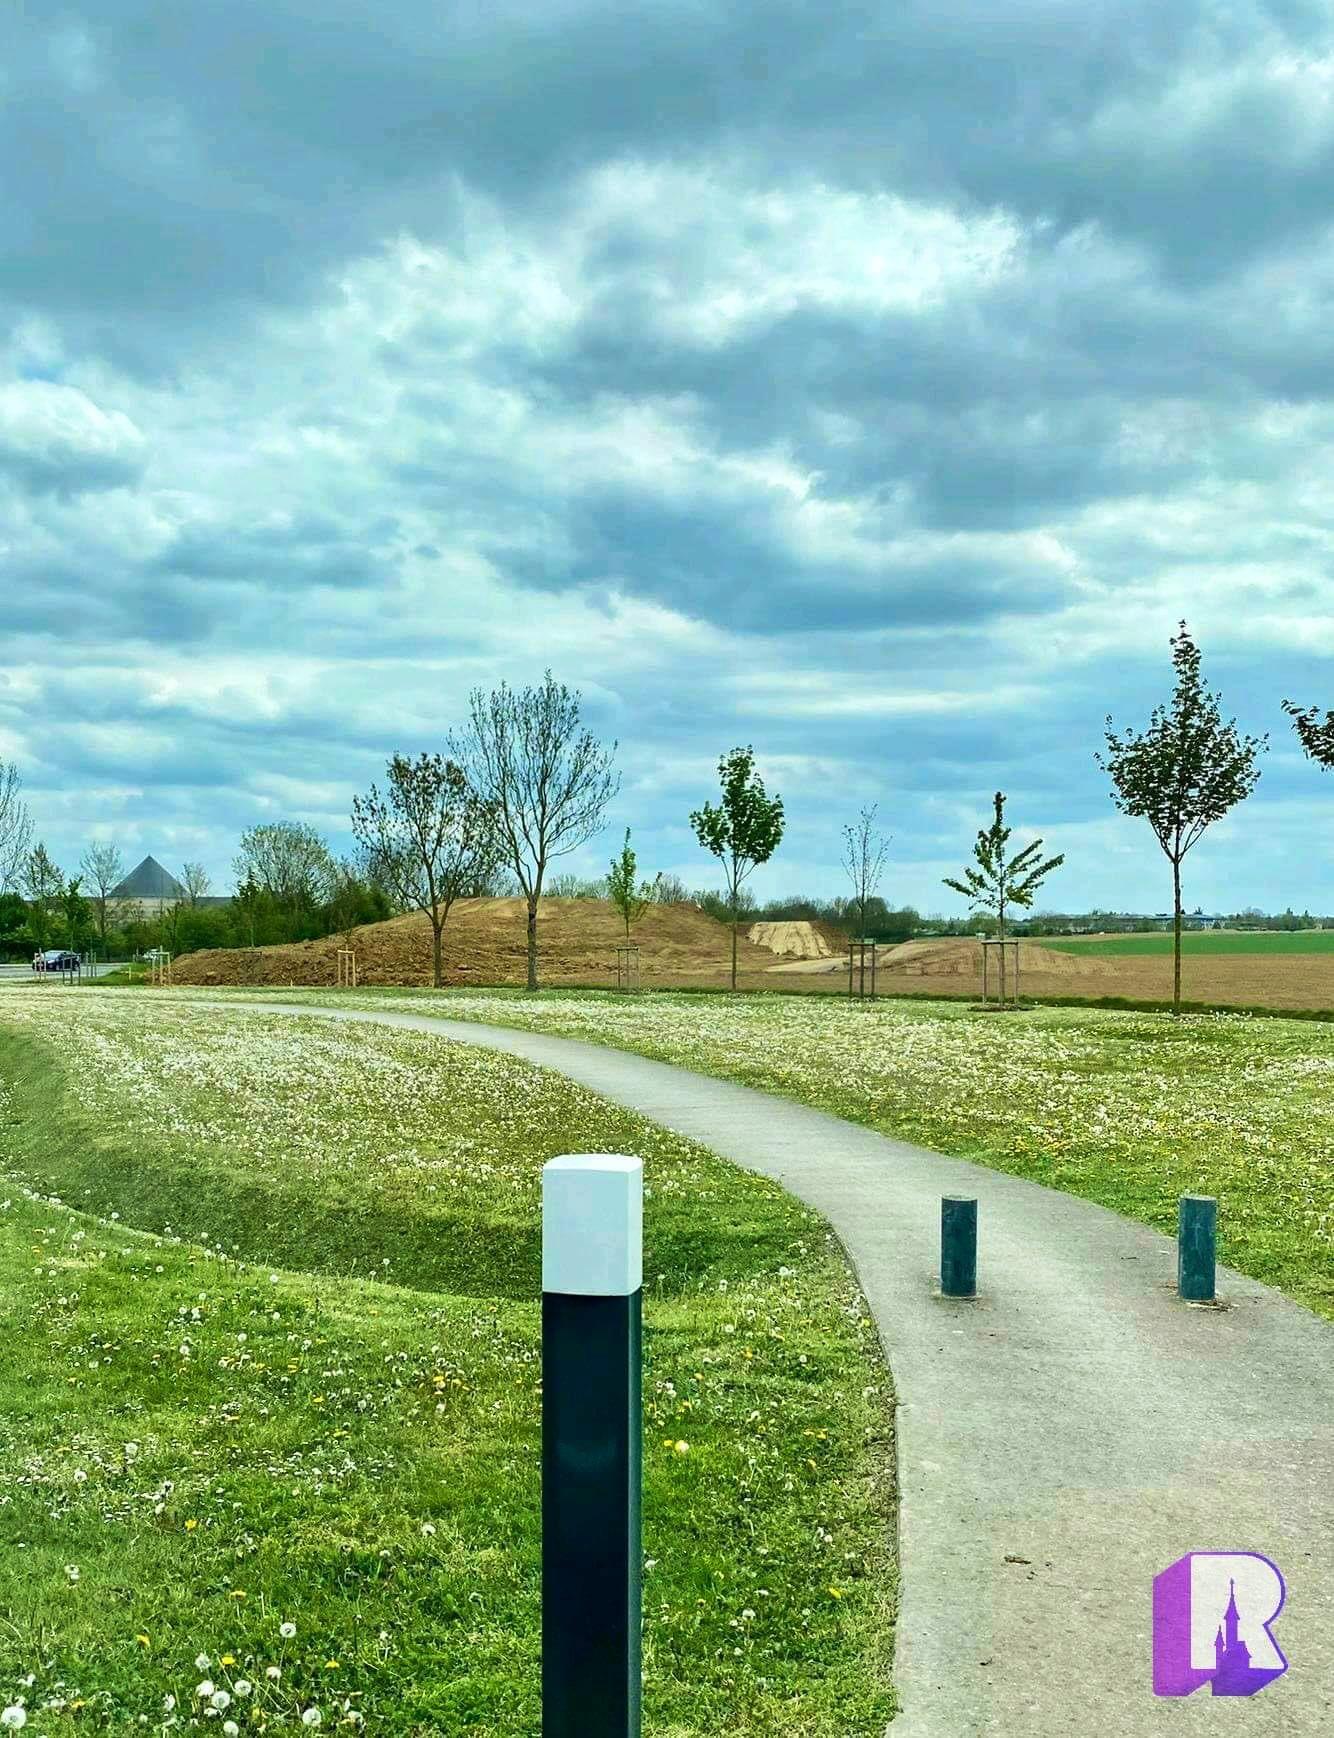 3e park